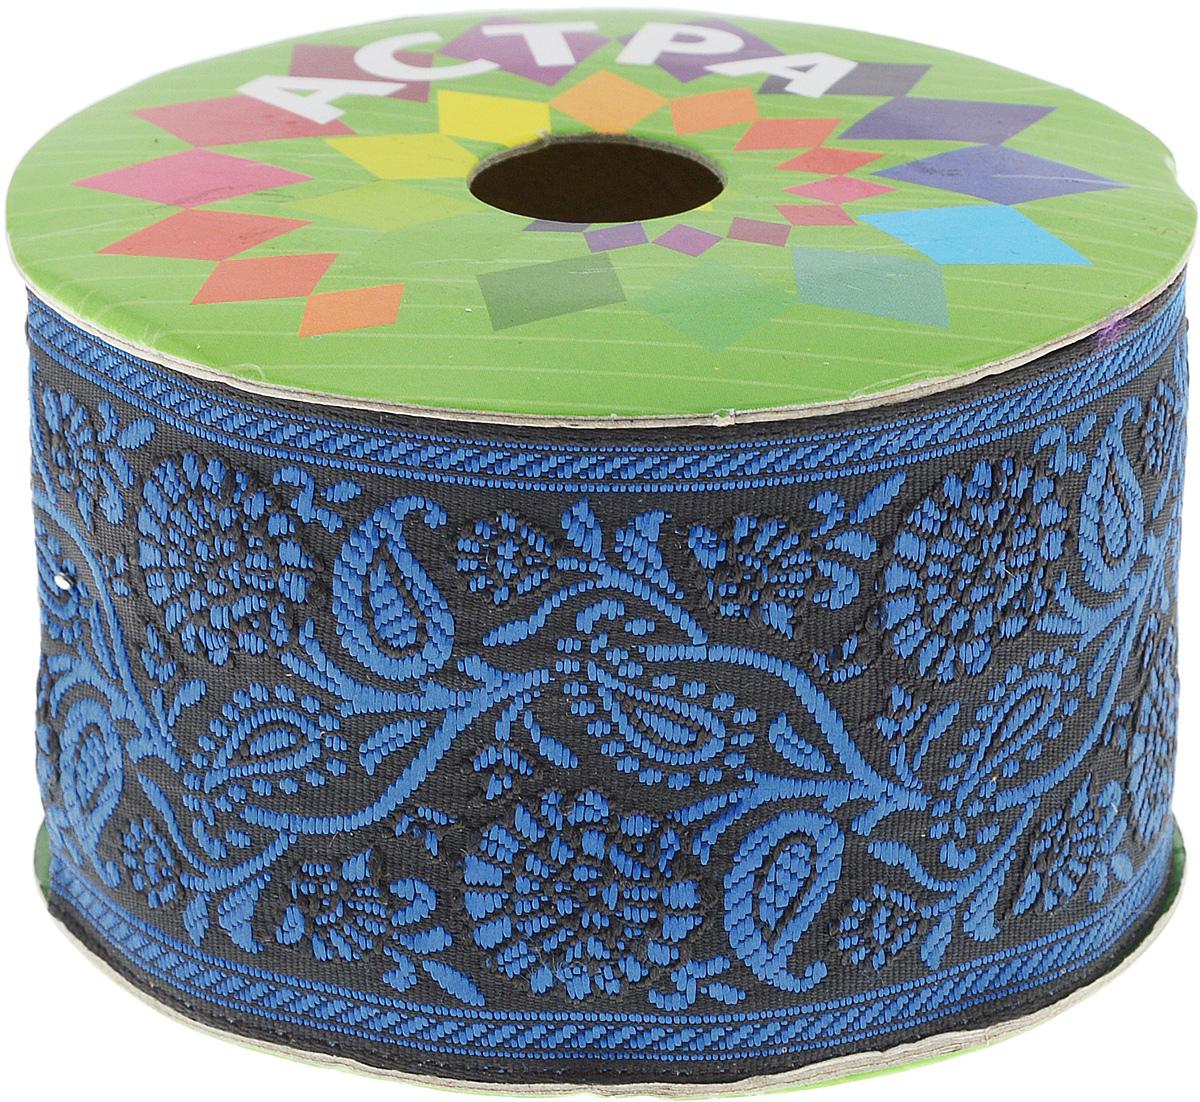 Тесьма декоративная Астра, цвет: синий (52), ширина 6 см, длина 9 м. 77034297703429_52Декоративная тесьма Астра выполнена из текстиля и оформлена оригинальным жаккардовым орнаментом. Такая тесьма идеально подойдет для оформления различных творческих работ таких, как скрапбукинг, аппликация, декор коробок и открыток и многое другое. Тесьма наивысшего качества и практична в использовании. Она станет незаменимым элементом в создании рукотворного шедевра. Ширина: 6 см. Длина: 9 м.